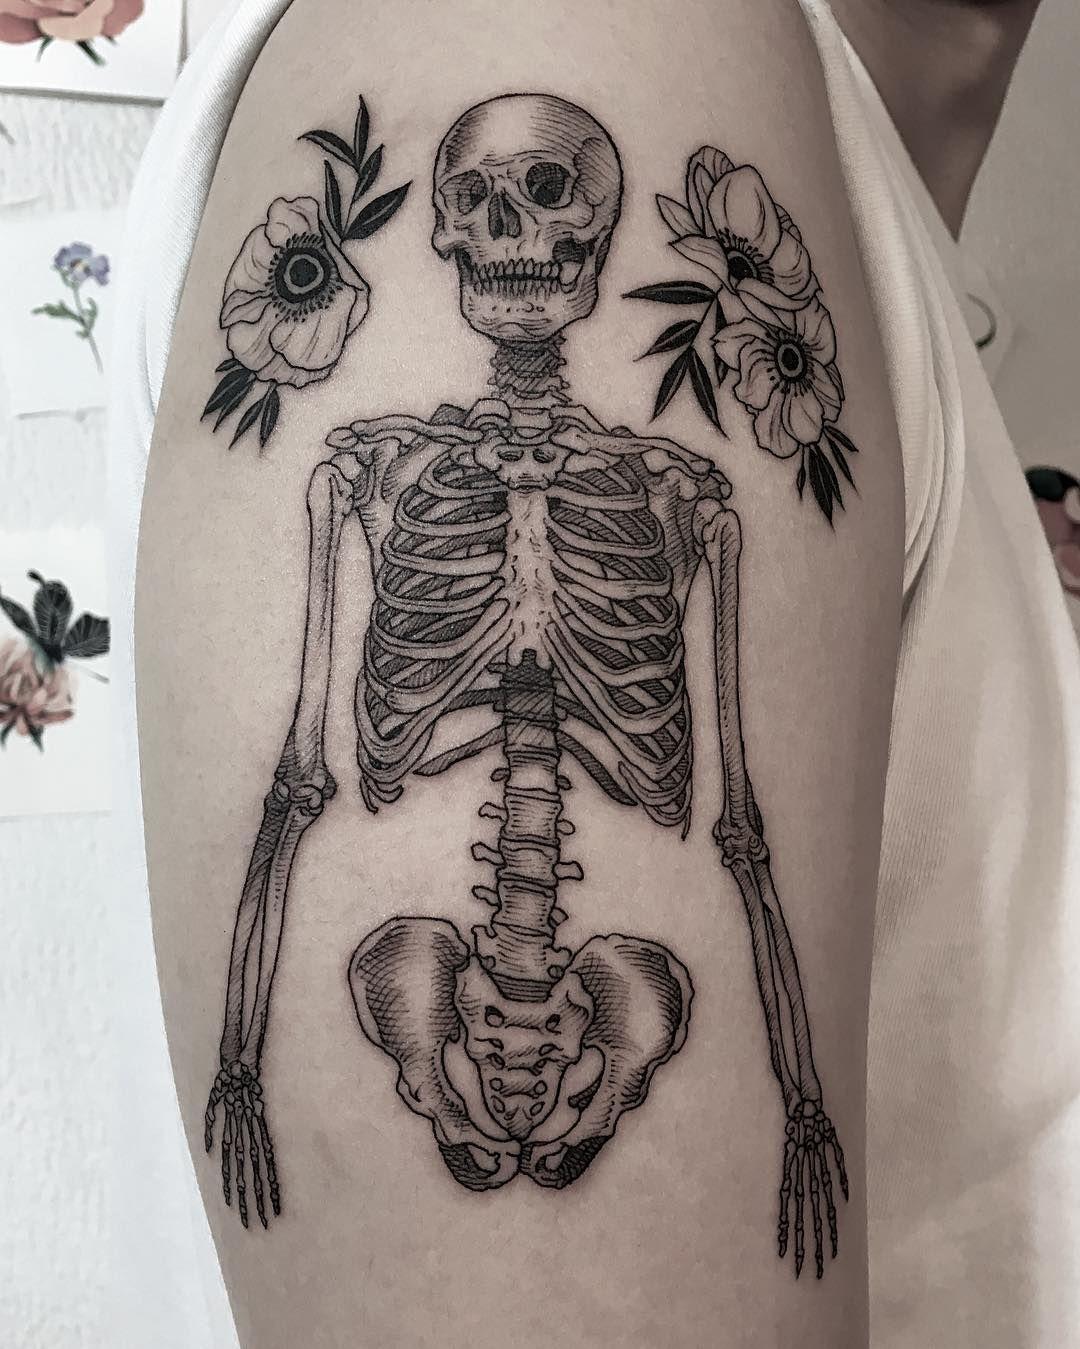 . Flower, skeleton